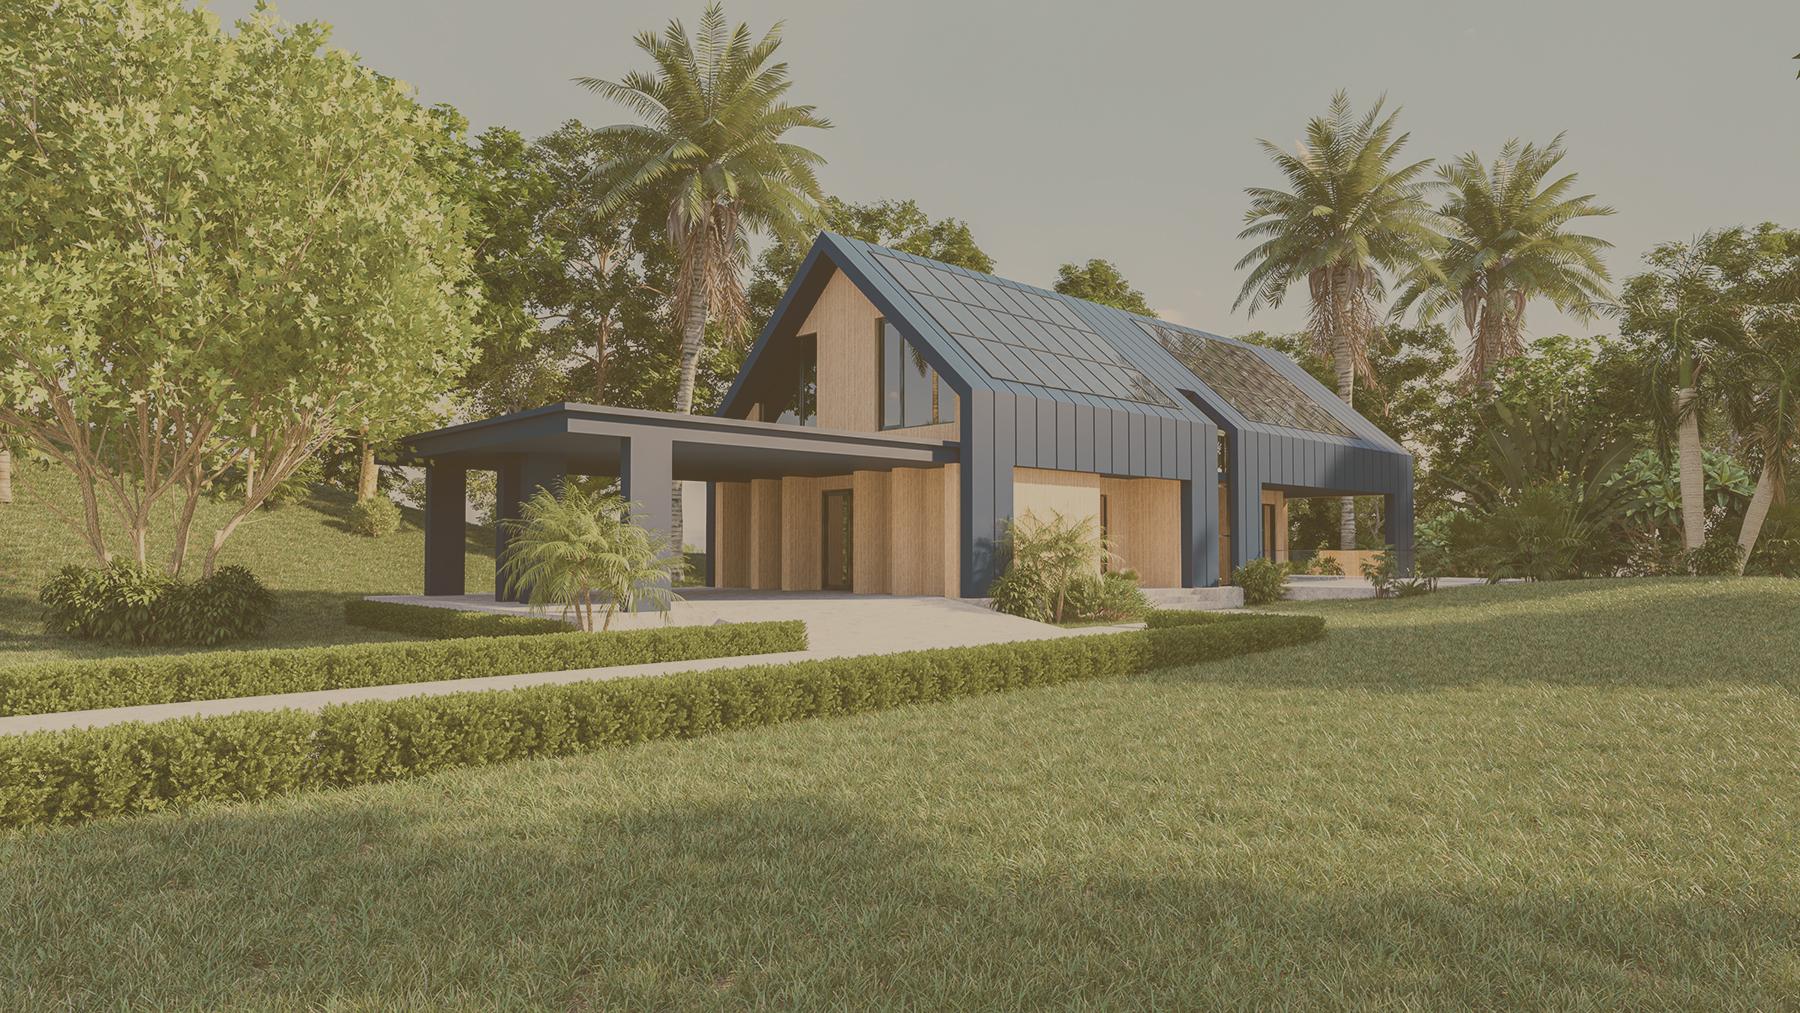 Como serão as casas do futuro no pós-Covid-19?